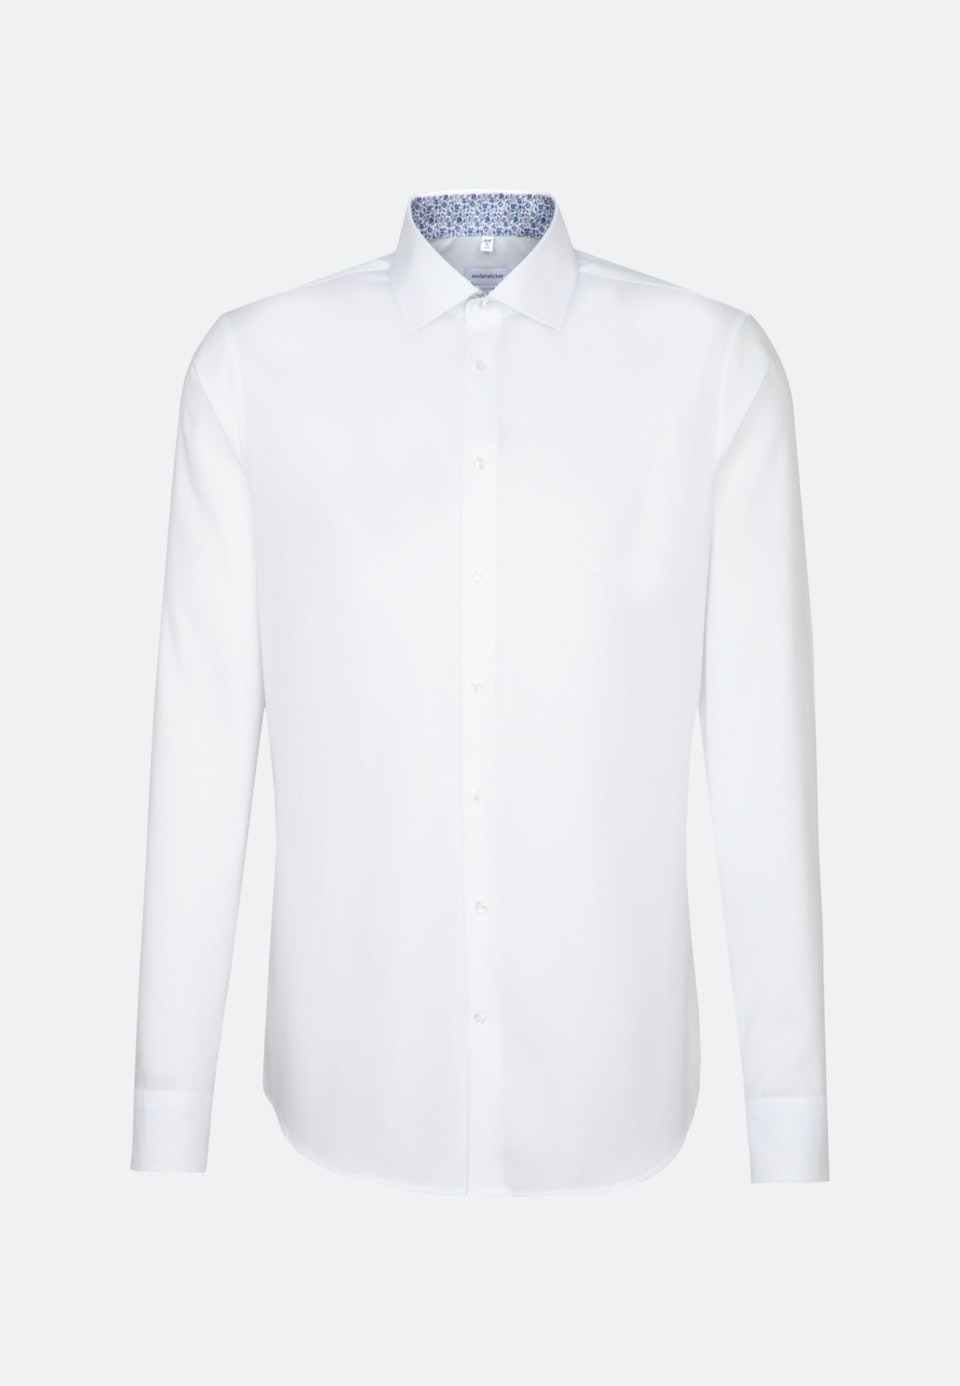 Bügelfreies Oxford Business Hemd in Shaped mit Kentkragen und extra langem Arm in Weiß |  Seidensticker Onlineshop